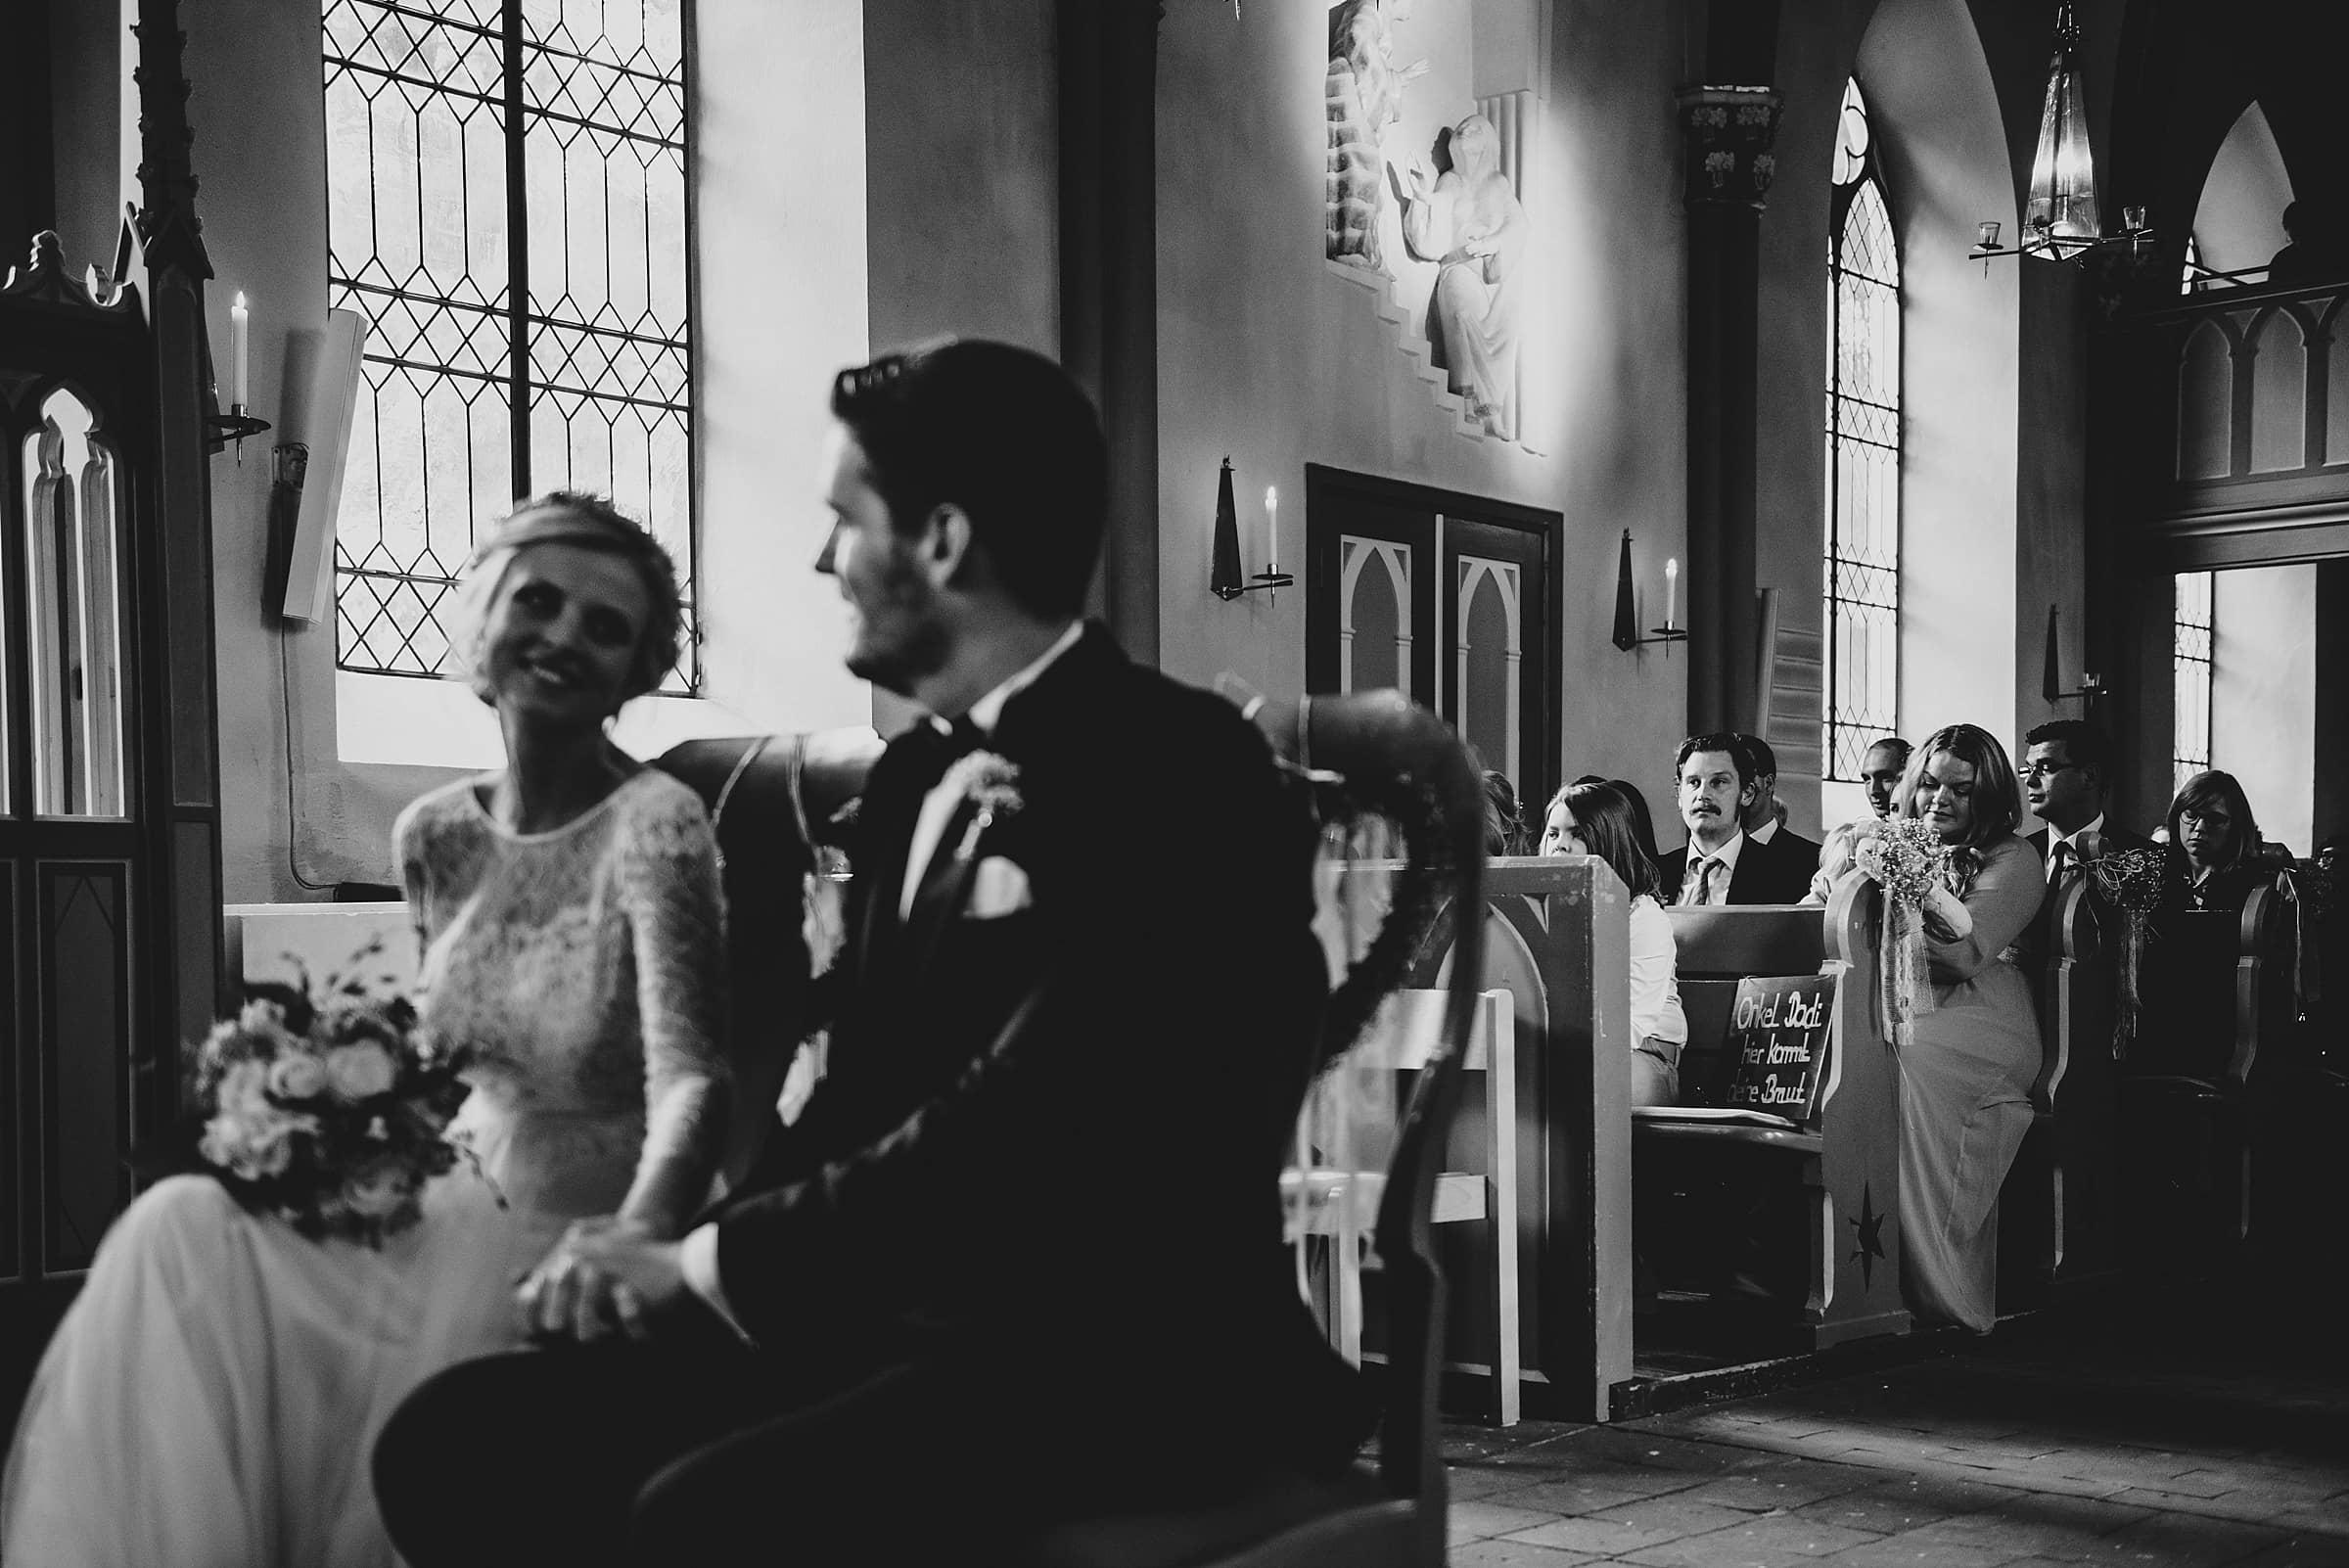 Hochzeitsfotografie Hamburg-Frau-Siemers-Gut Basthorst- kirchliche Trauung mit Blick auf die hinteren Bänke